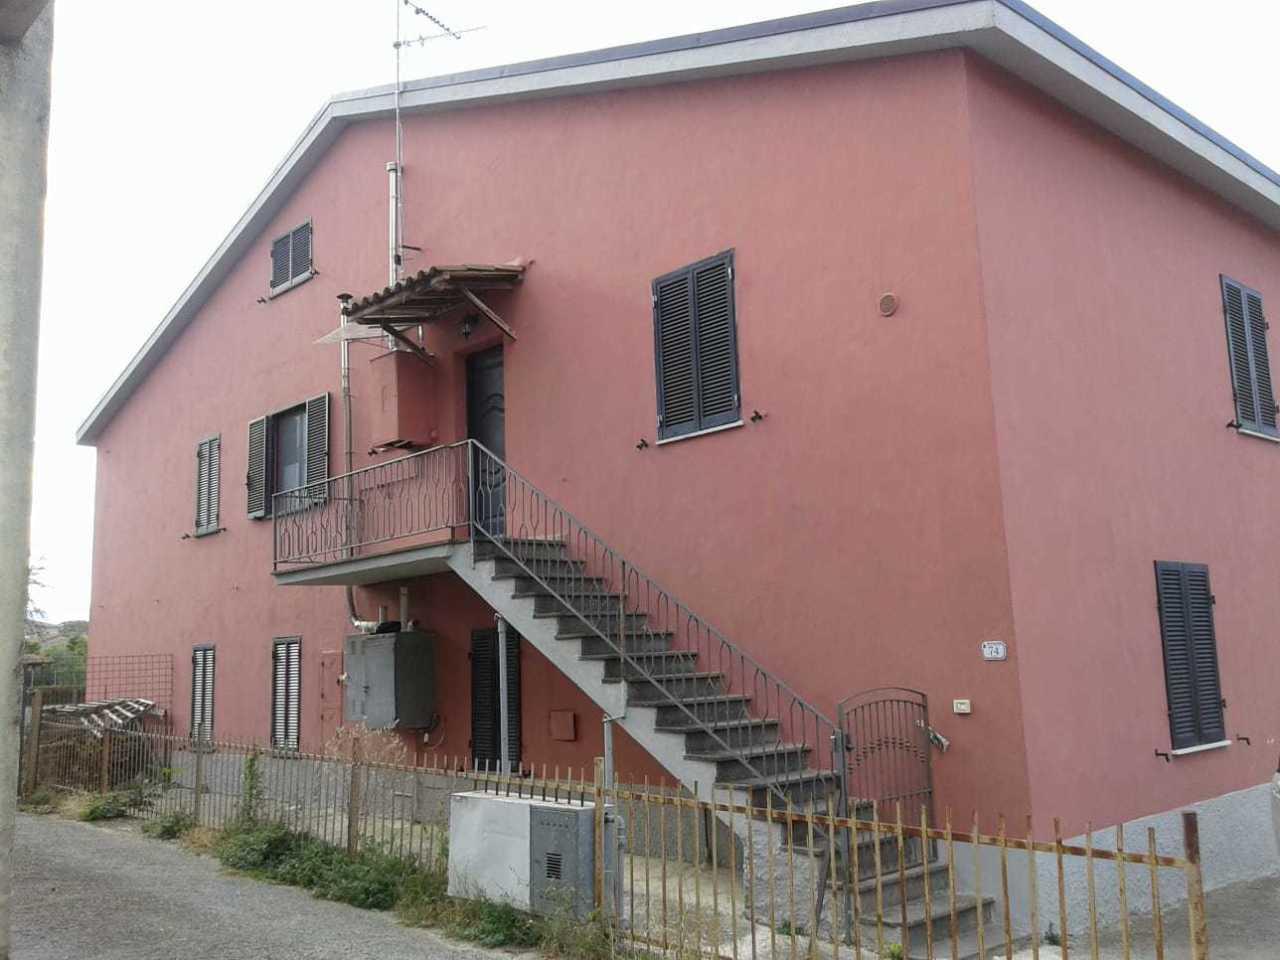 Soluzione Semindipendente in affitto a Avigliano Umbro, 3 locali, prezzo € 350   PortaleAgenzieImmobiliari.it